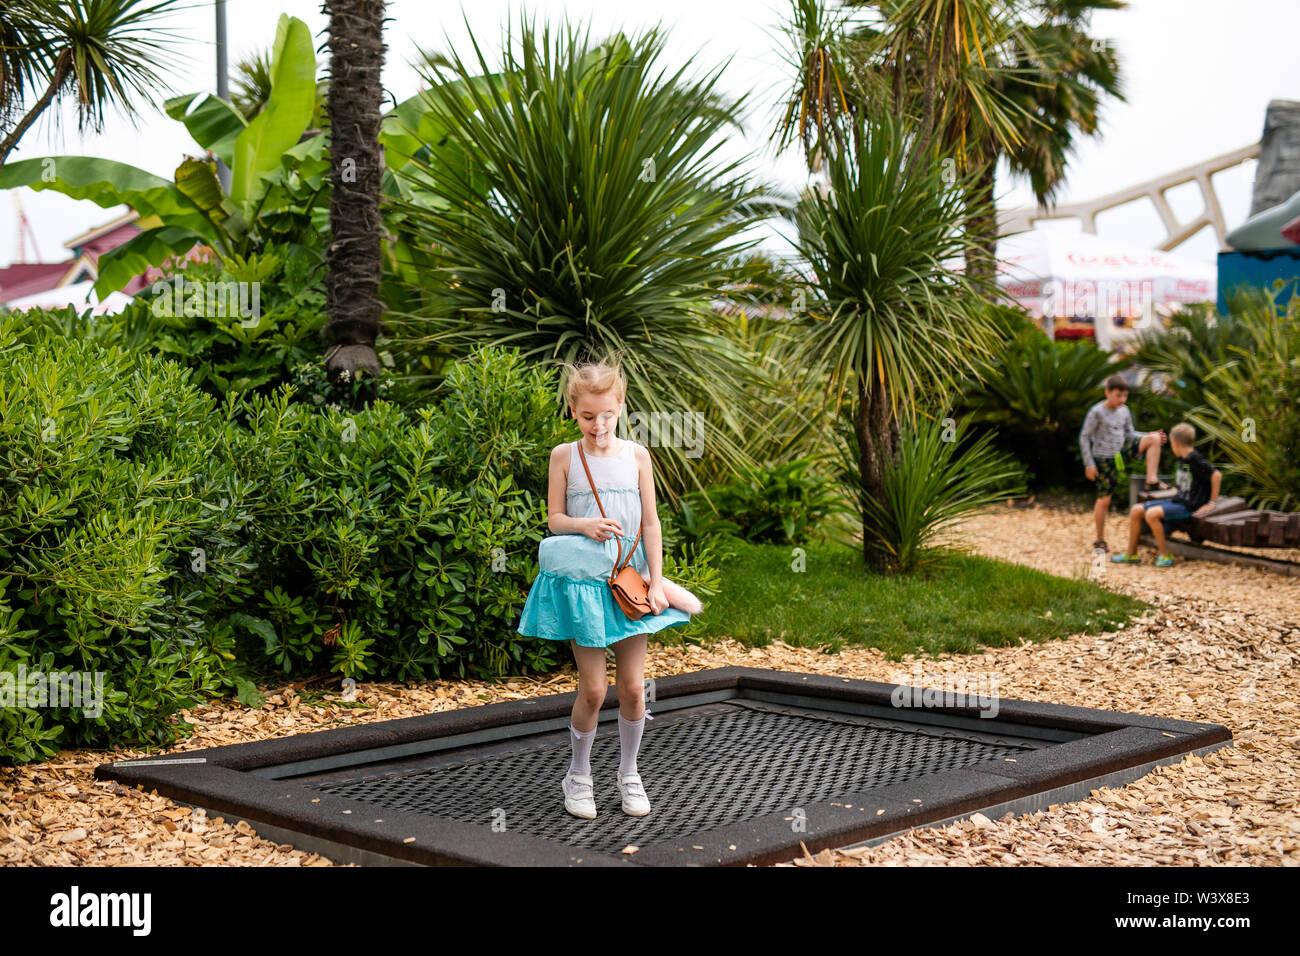 Chica rubia en vestido blanco y azul jugando en el patio de recreo en el verano parque de entretenimientos. Rusia, Sochi, Sochi-park, junio de 2018 Imagen De Stock